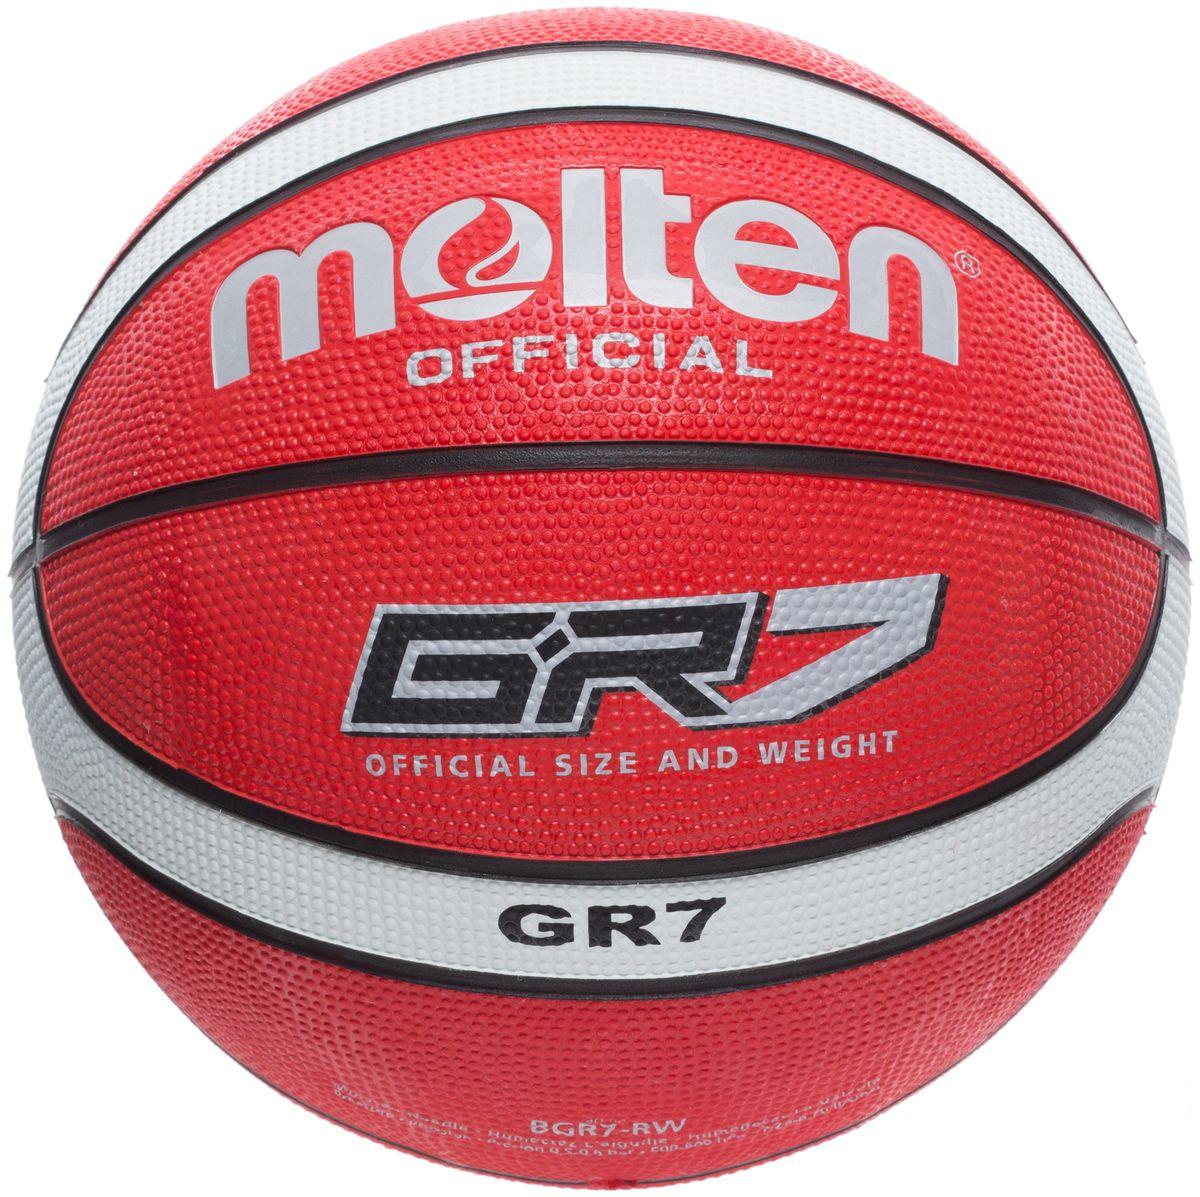 Мяч баскетбольный Molten. Размер 7. BGR7-RWBGR7-RWБаскетбольный мяч для игры в зале и на улице. 12-панельный дизайн.